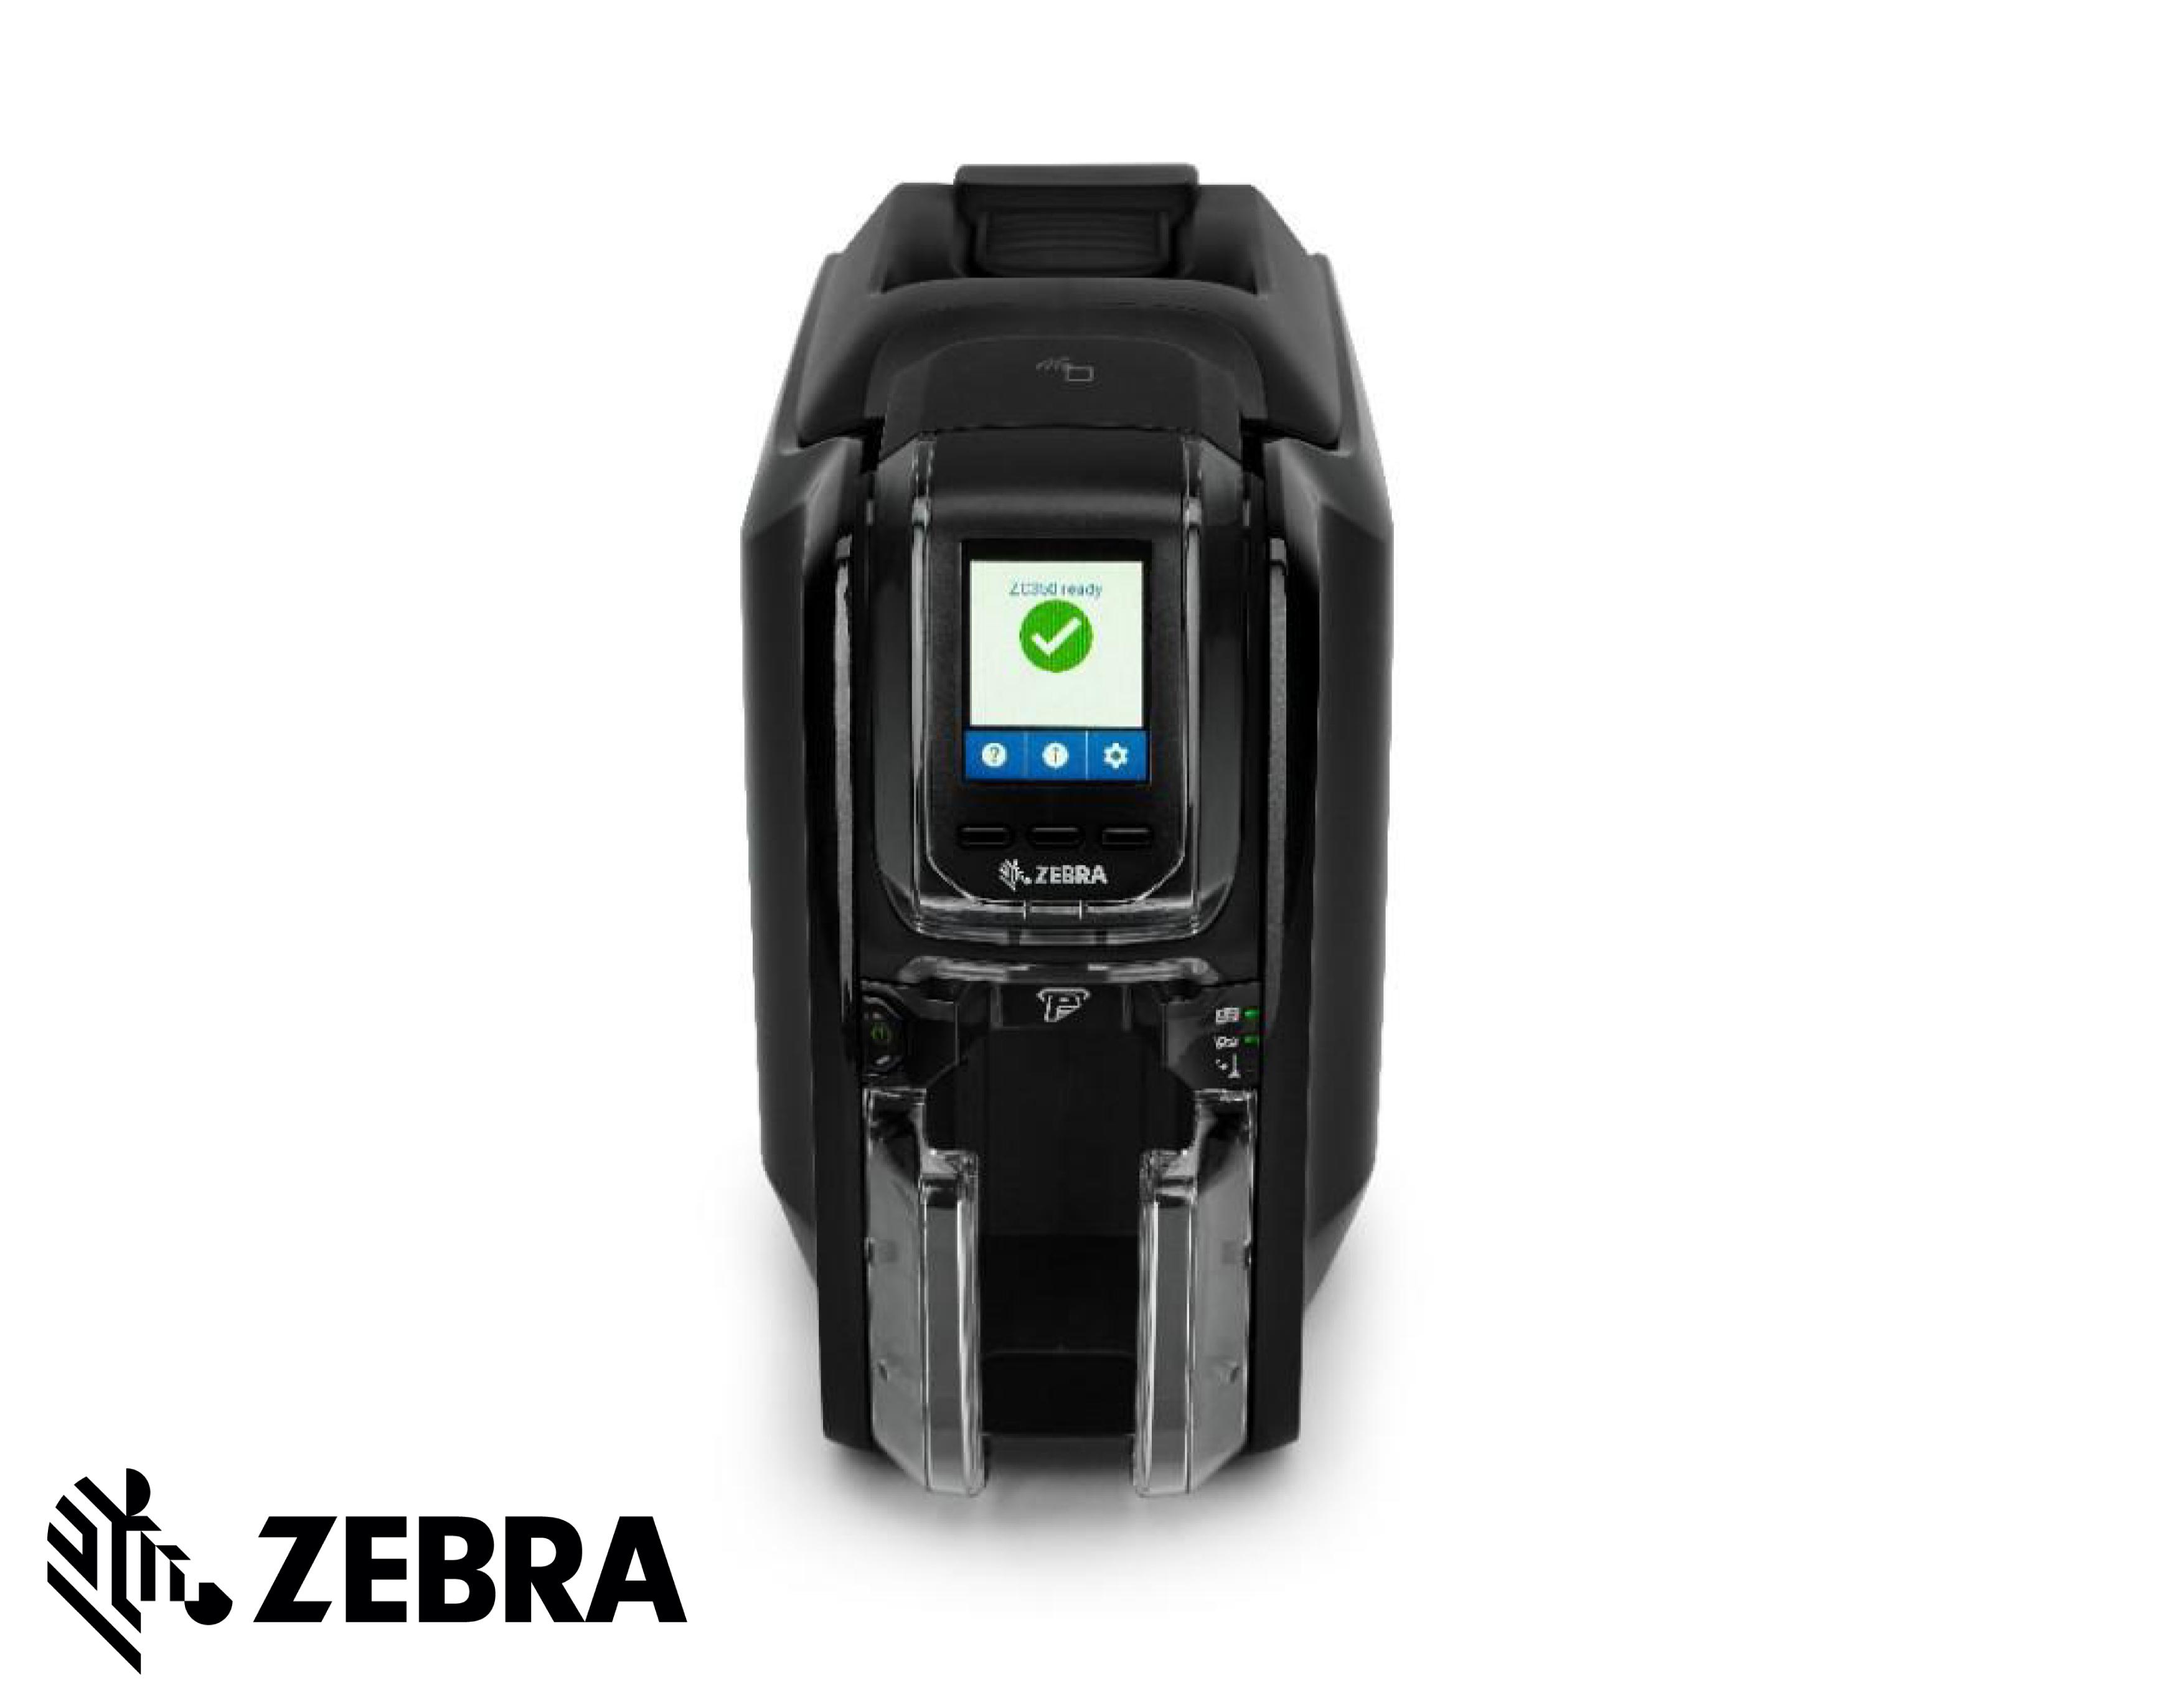 Zebra ZC350 Card Printer